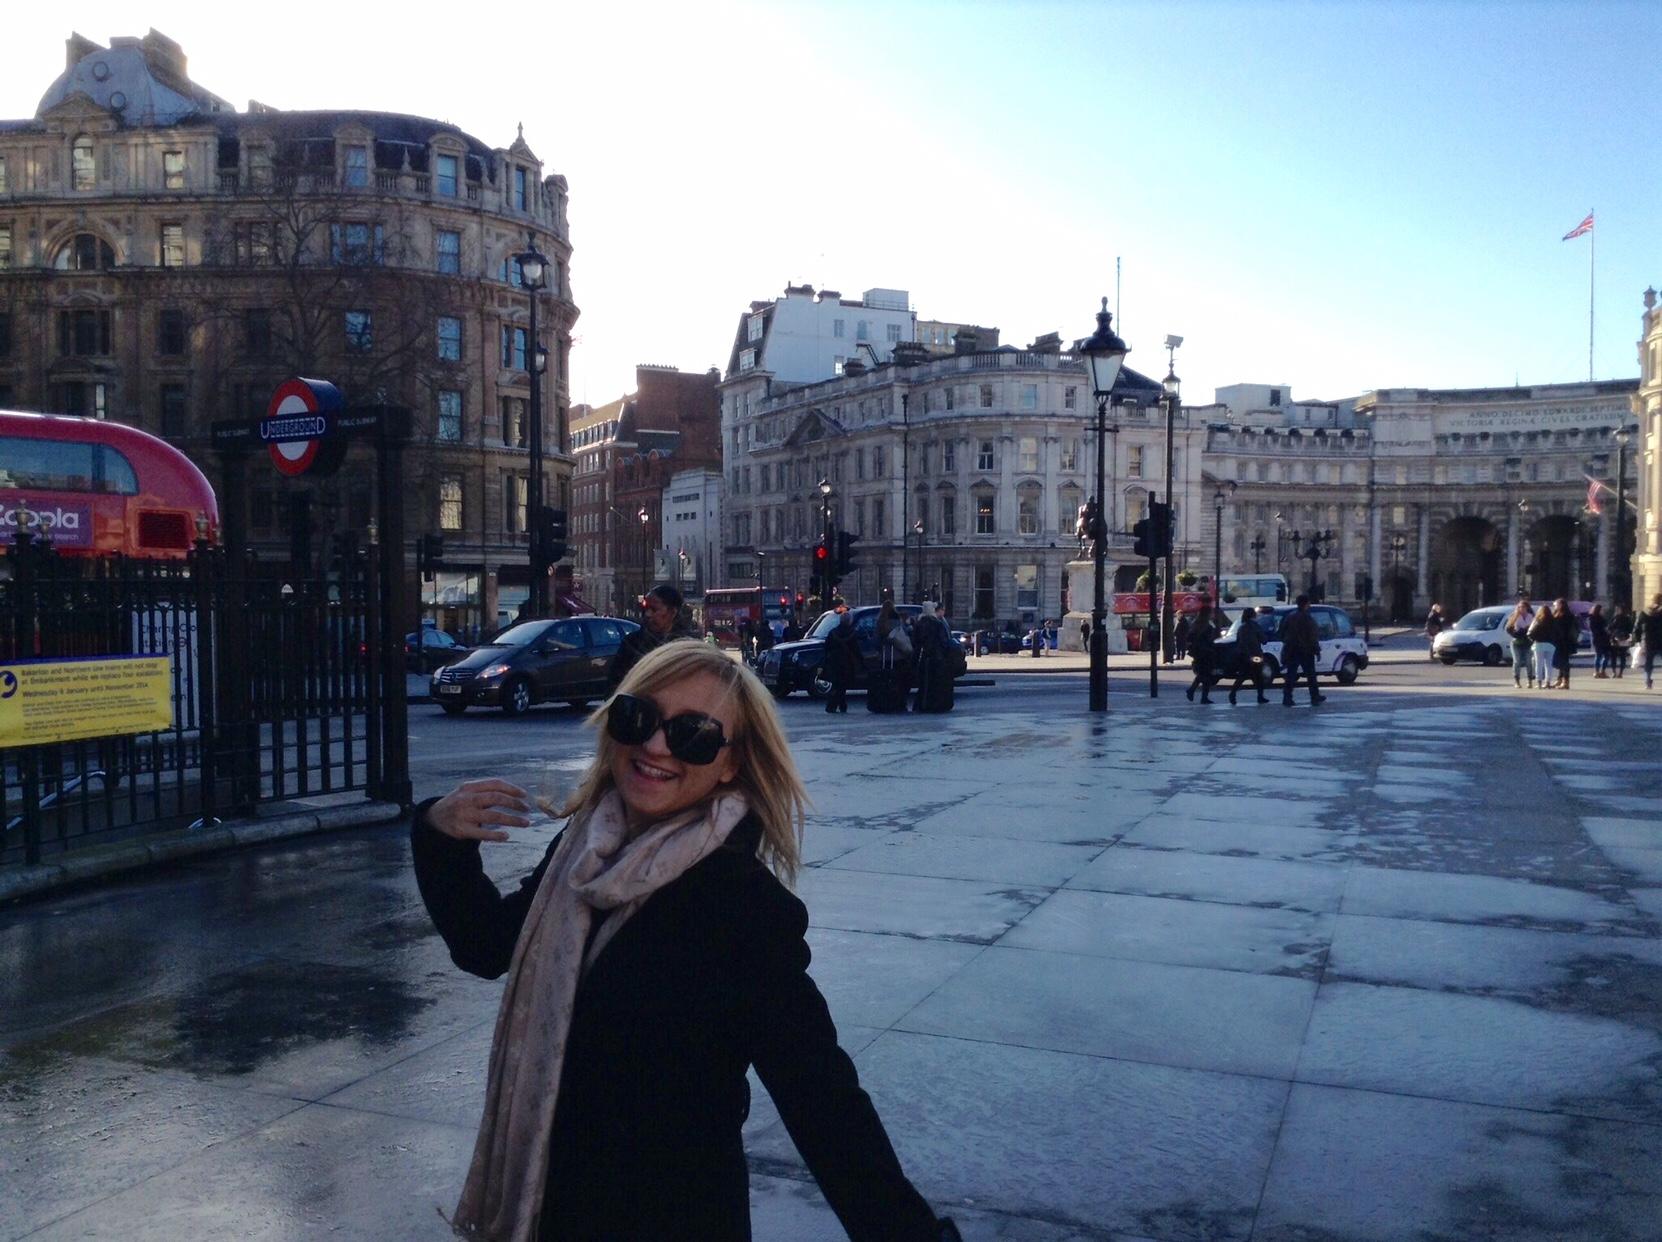 London calling: Vivere e lavorare.